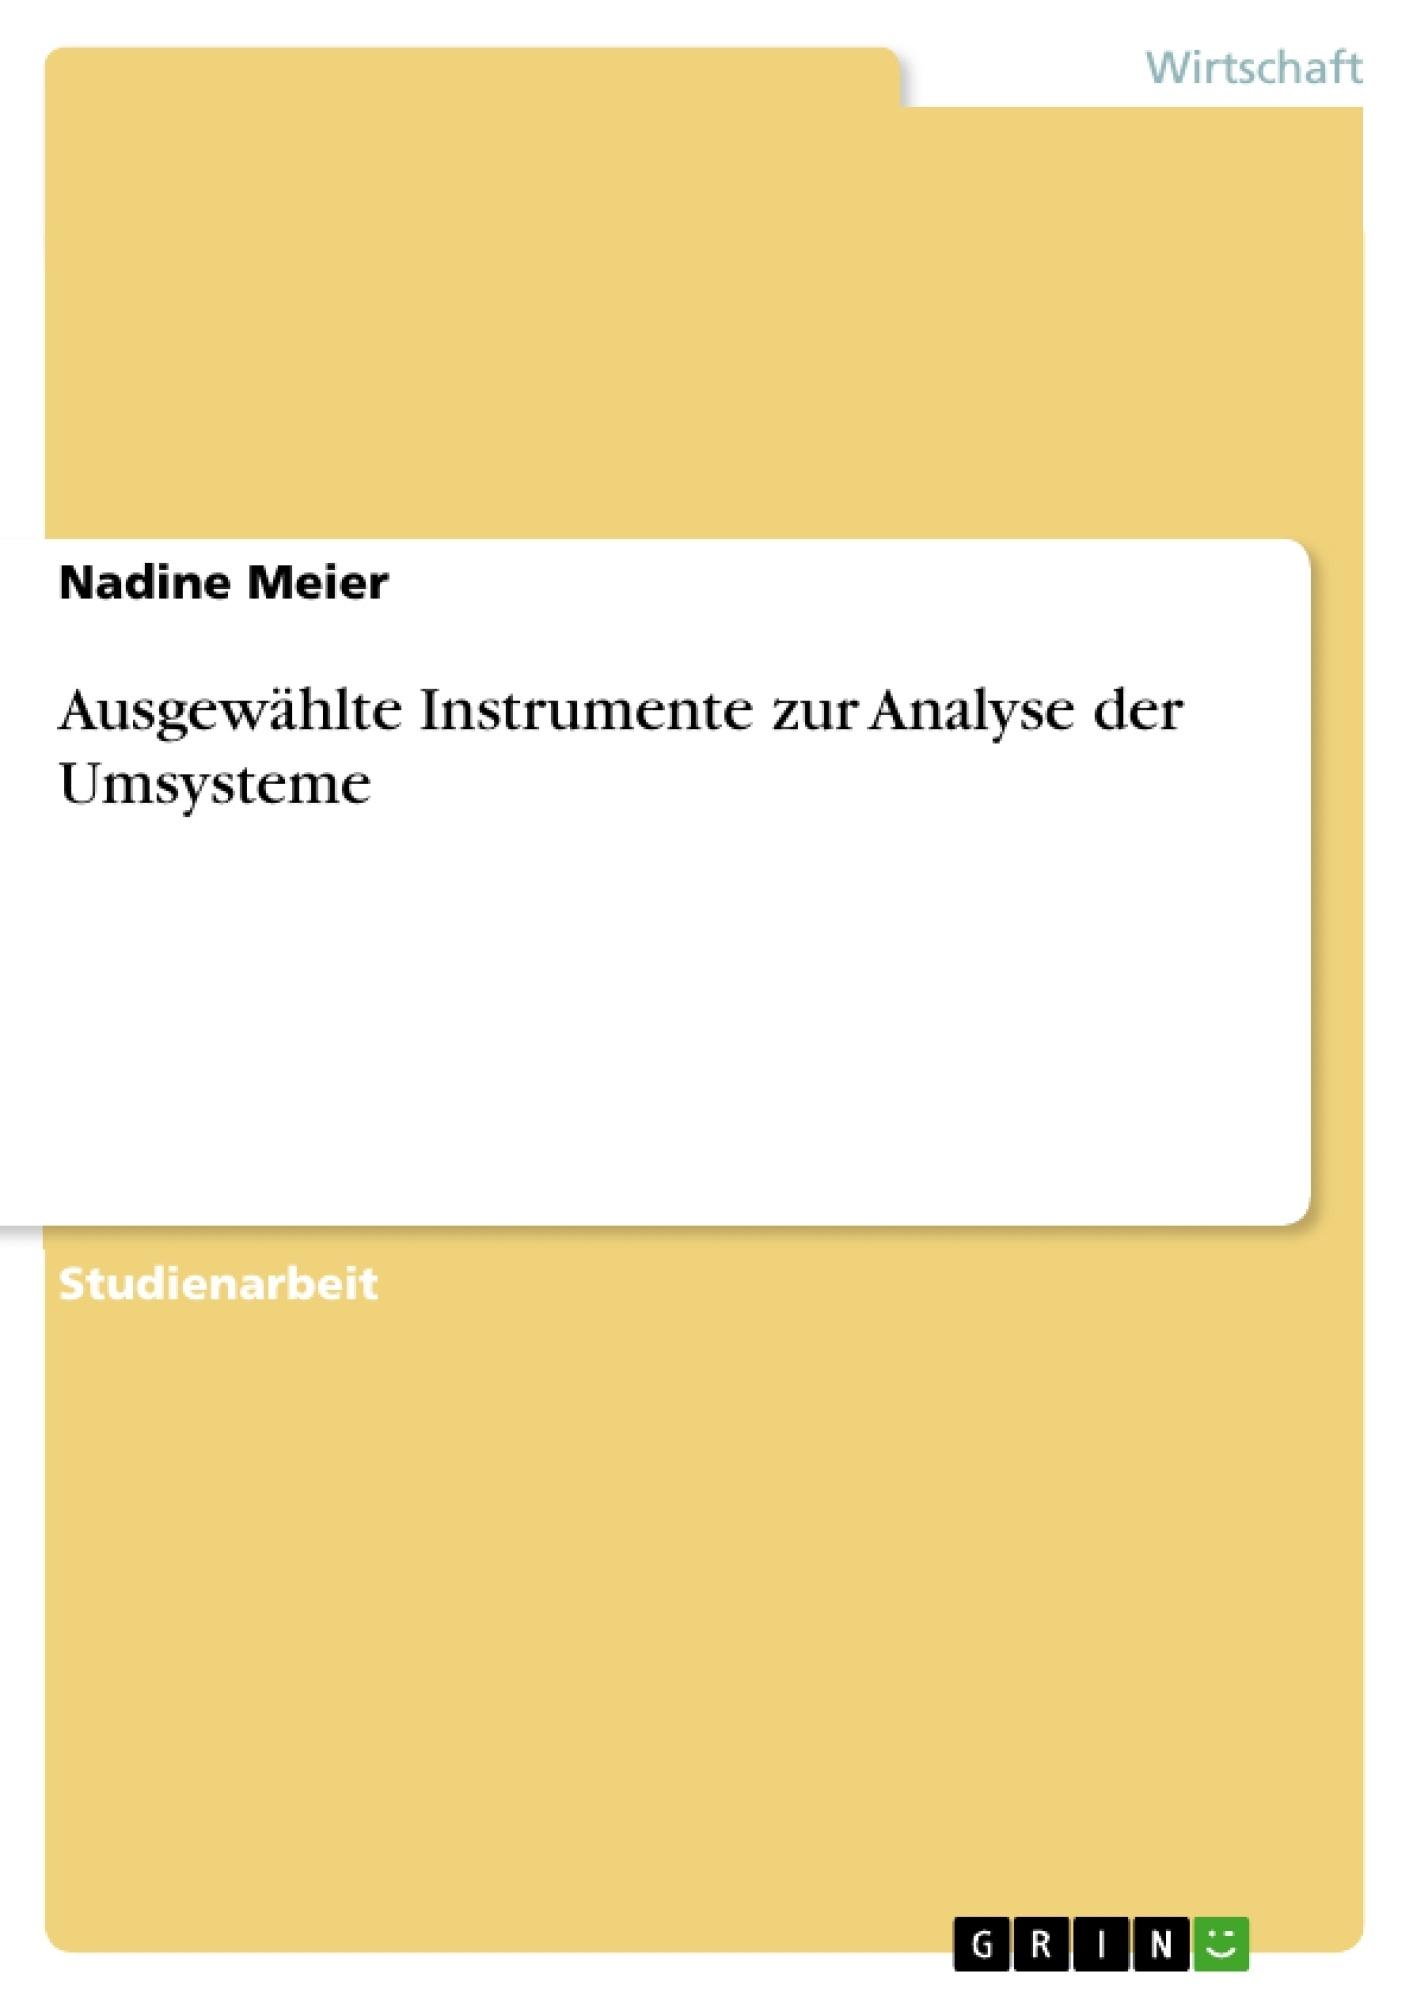 Titel: Ausgewählte Instrumente zur Analyse der Umsysteme